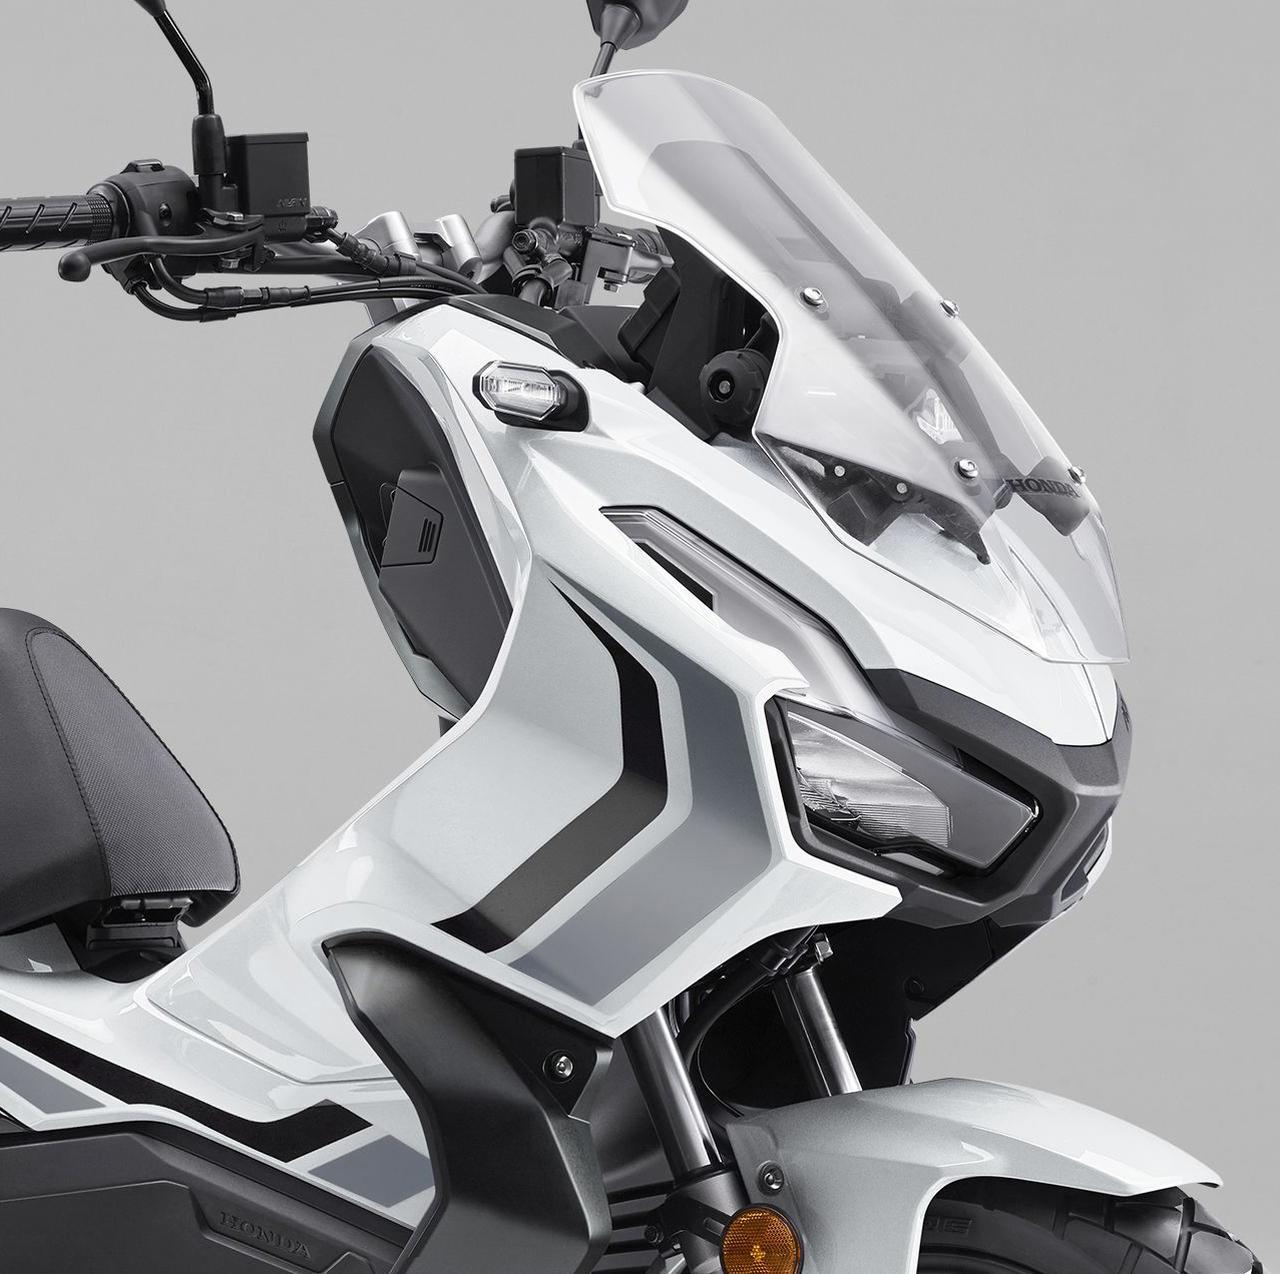 画像: 「ADV150」の限定カラー情報 - webオートバイ